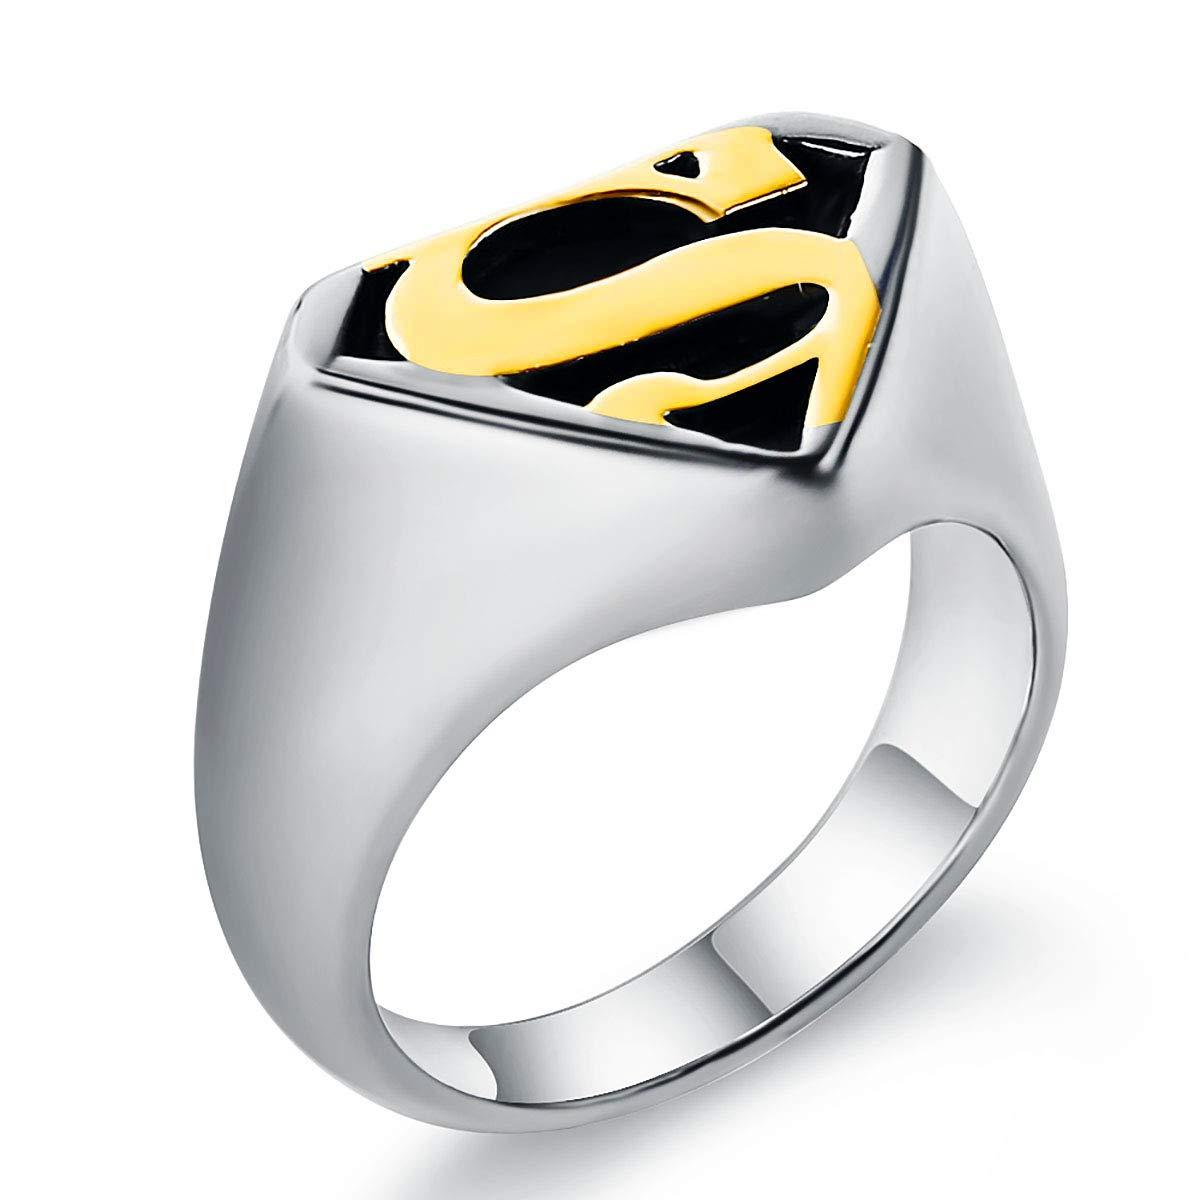 Valily Bague Superman en Acier Inoxydable//Or//Rouge Anneaux Comic Con Cadeau Unisexe Taille 54 /à 70